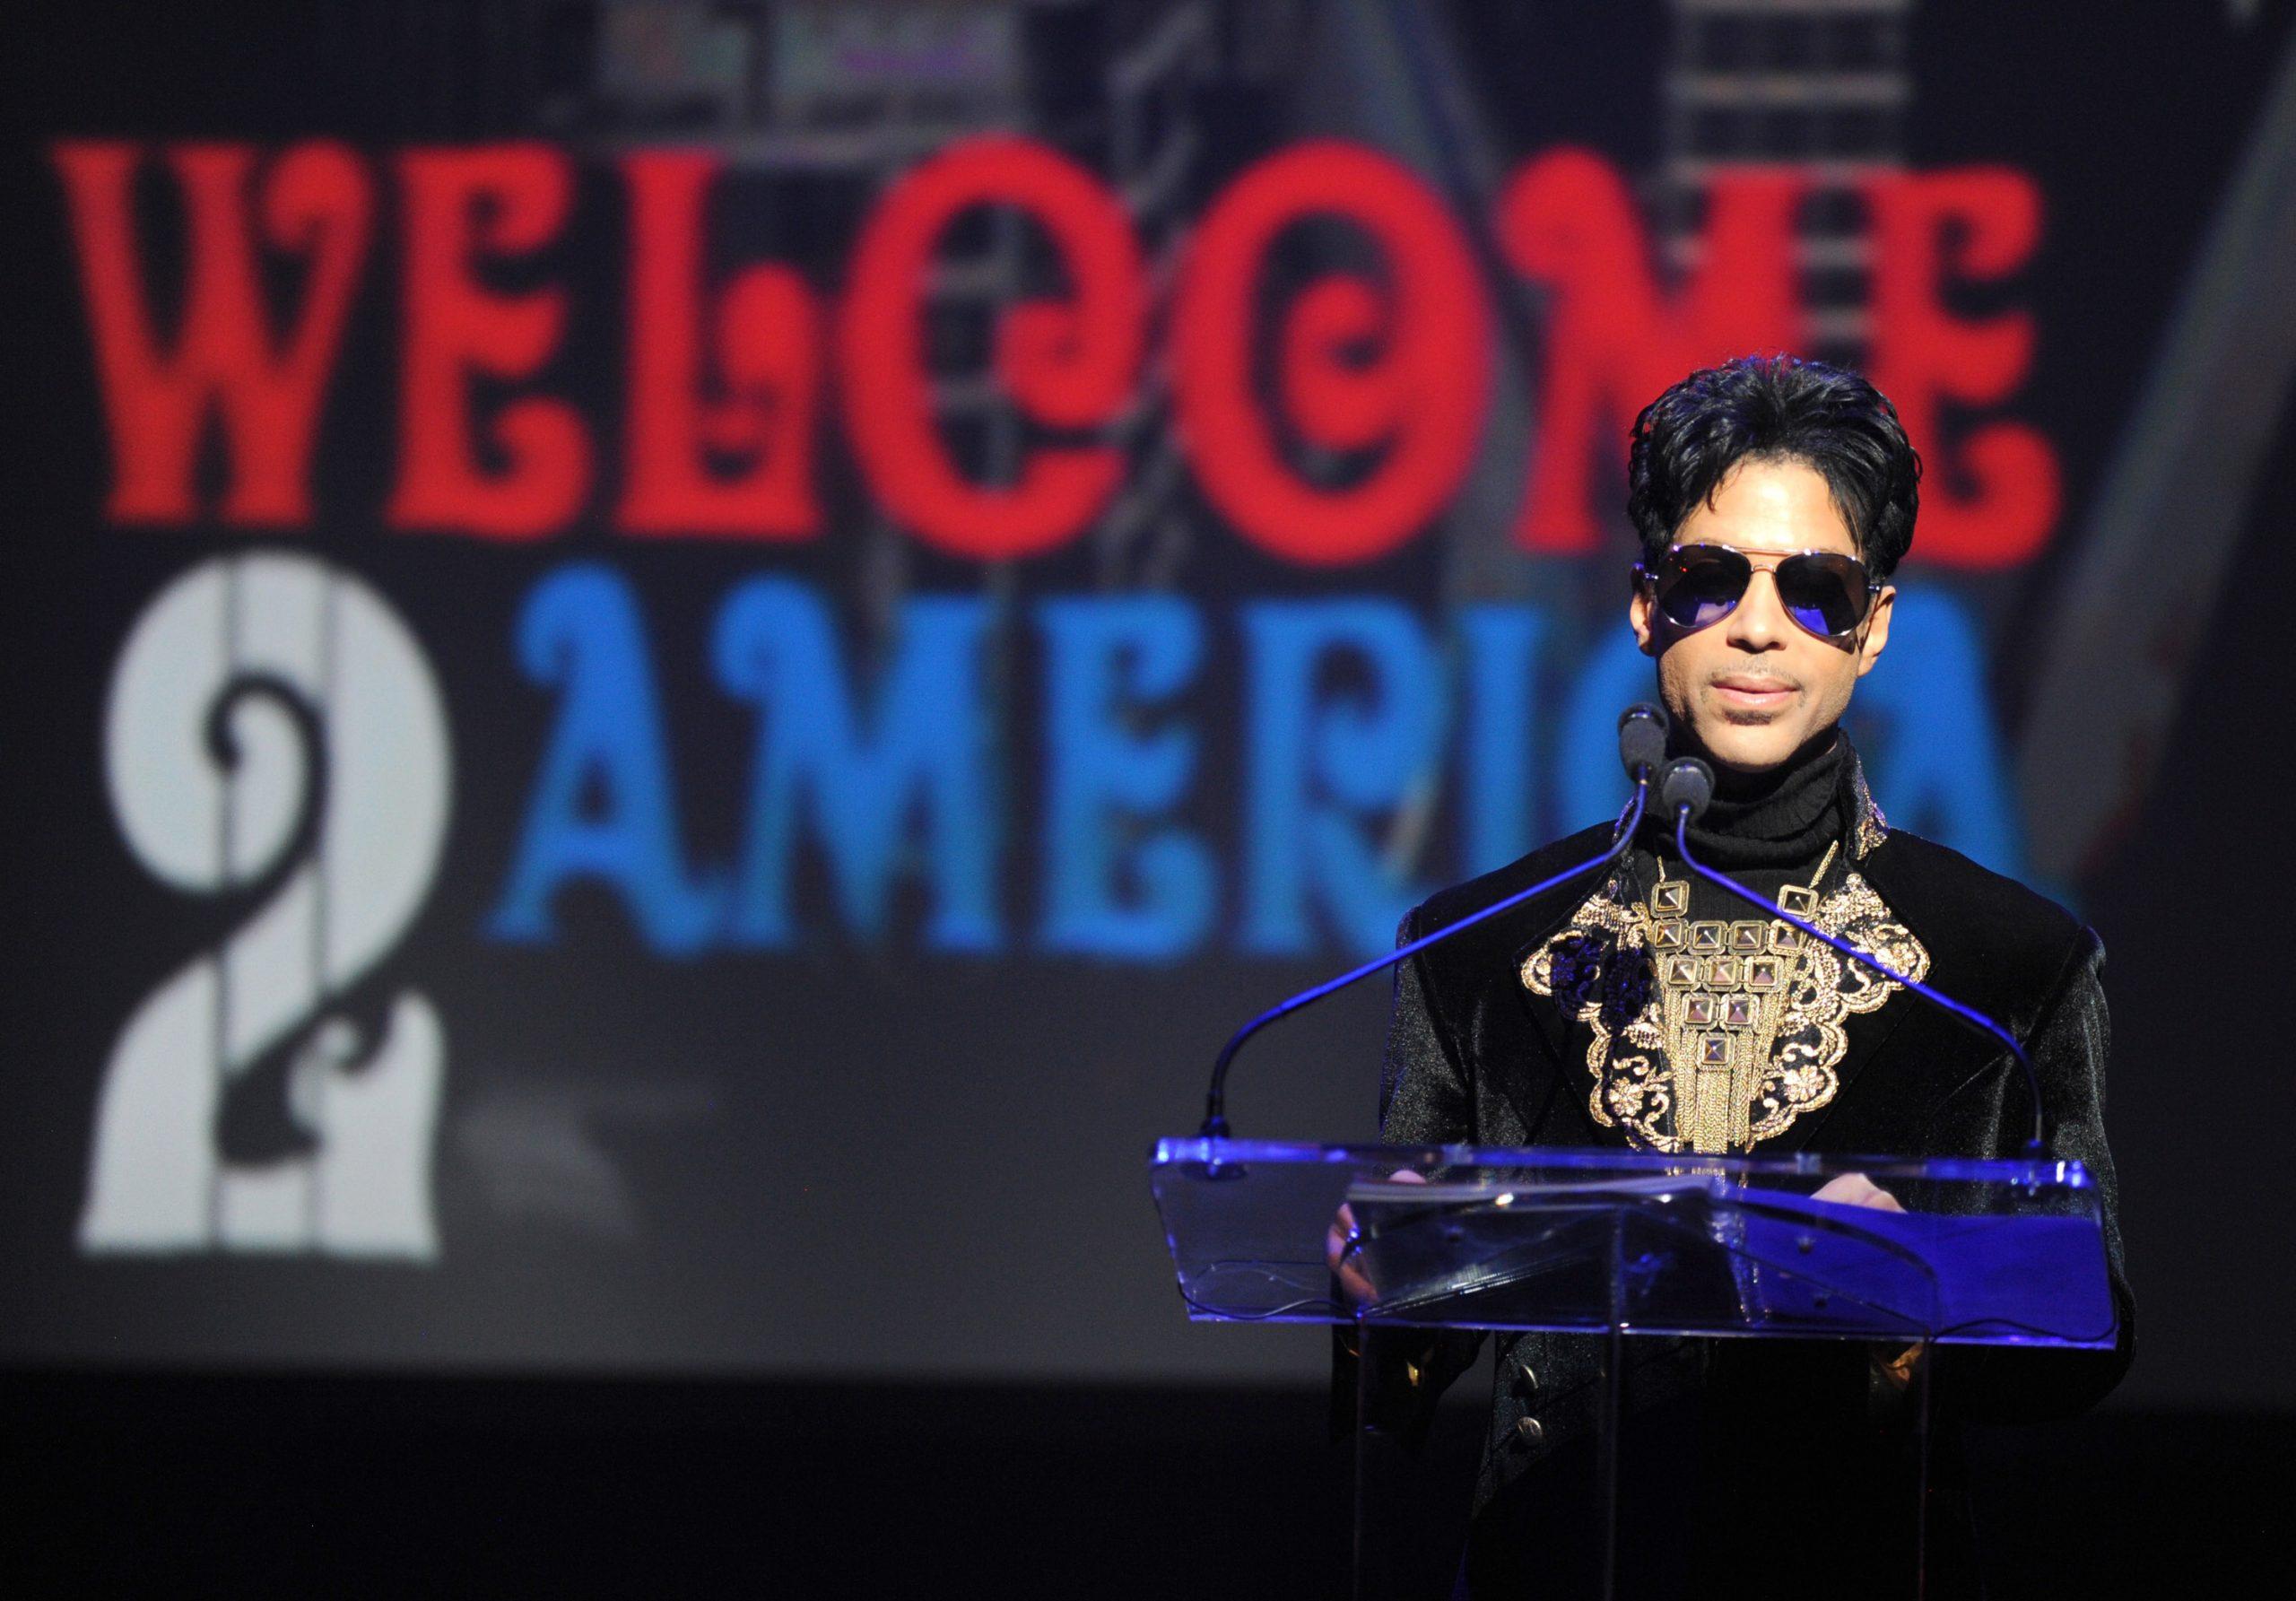 La peculiar historia detrás de 'Welcome 2 America', el disco póstumo de Prince